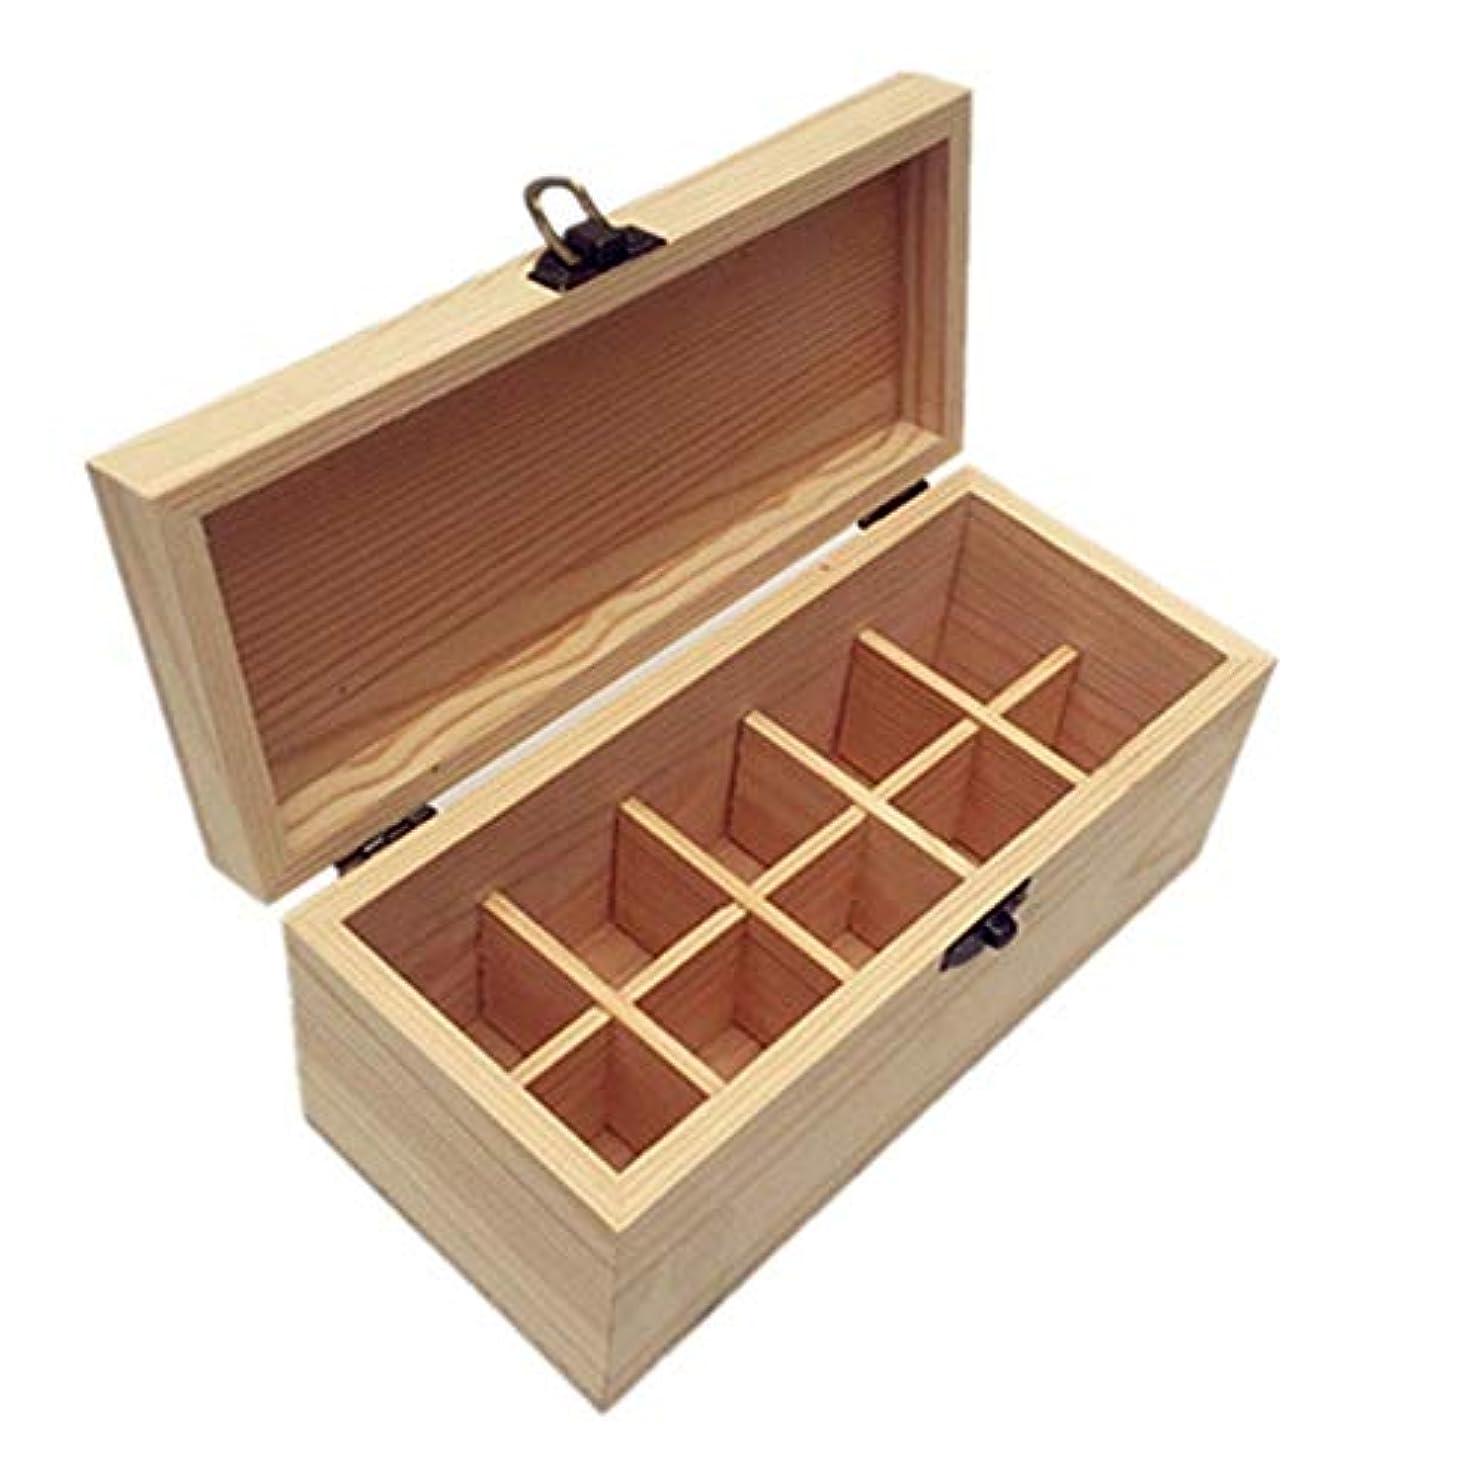 大学レンチひねりエッセンシャルオイル収納ボックス アロマ油の10個のスロット木製のエッセンシャルオイルストレージボックスオーガナイザーは21.2x9.5x9cmボトル (色 : Natural, サイズ : 21.2X9.5X9CM)